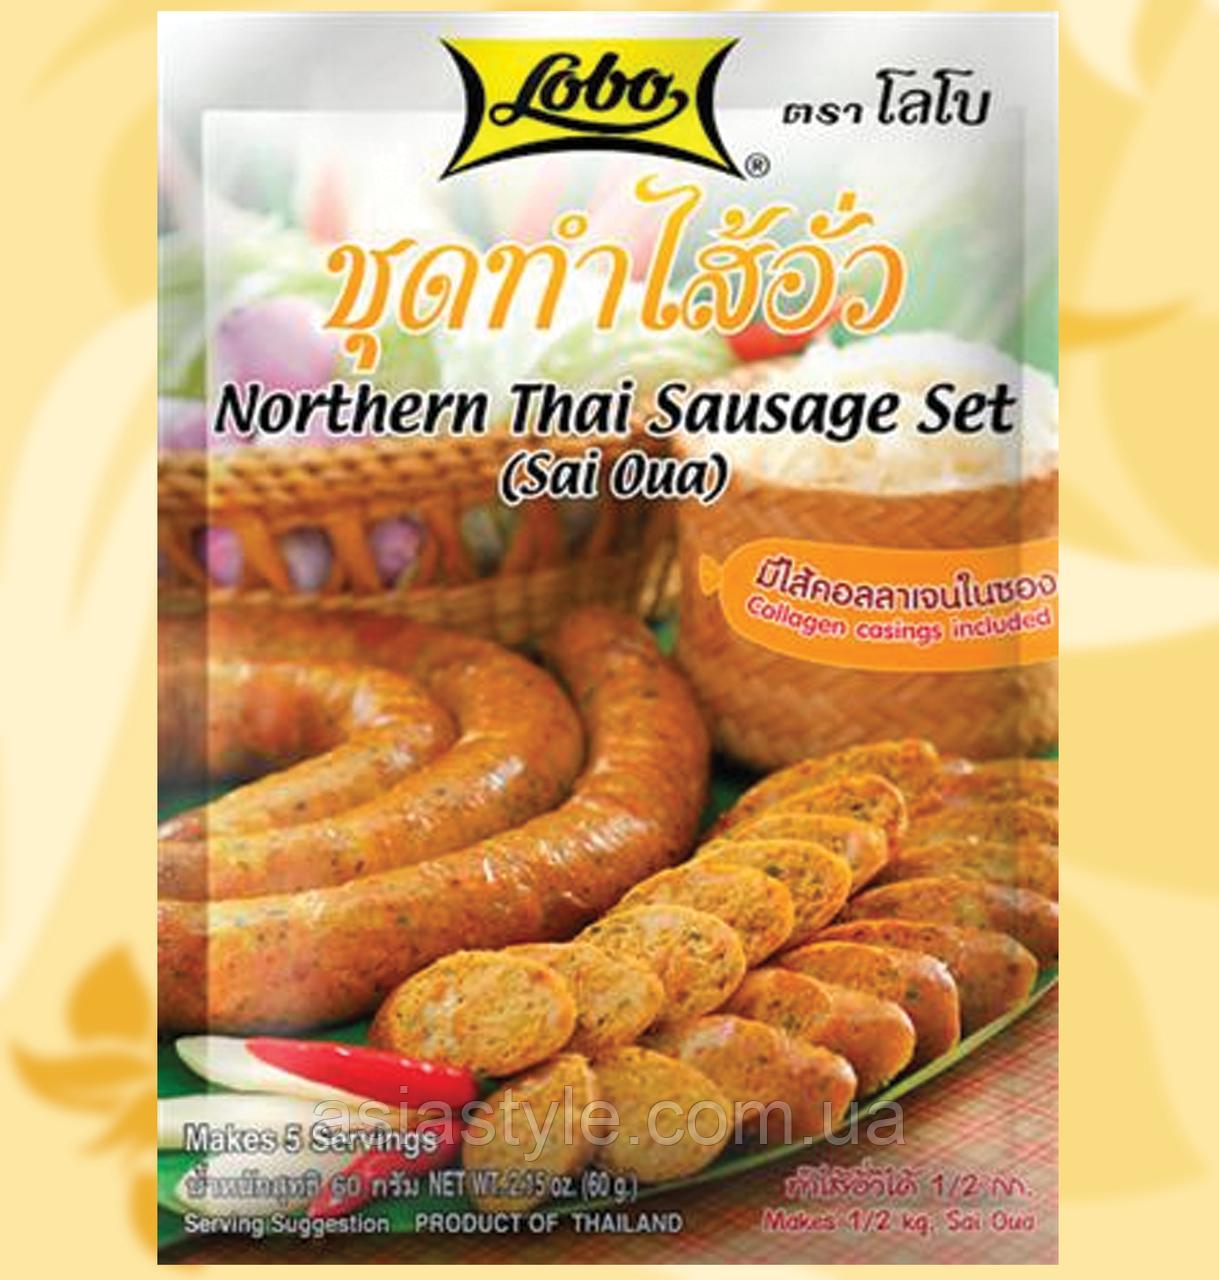 Спеції та їстівна оболонка для тайських сосисок, Lobo, 60г, Таїланд, Дж